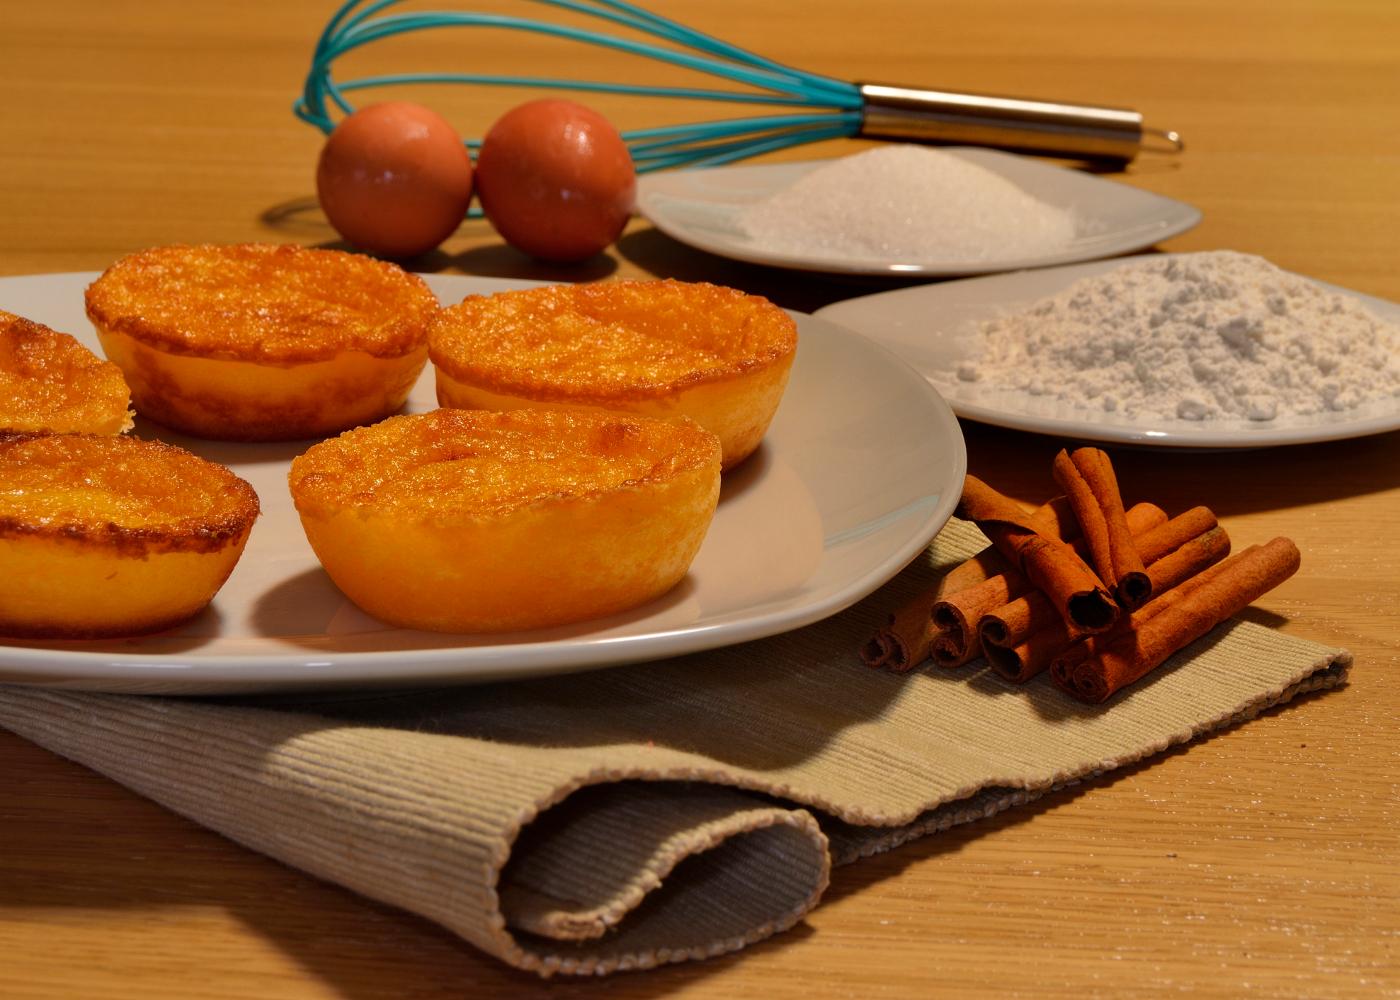 queijadas de cenoura no prato